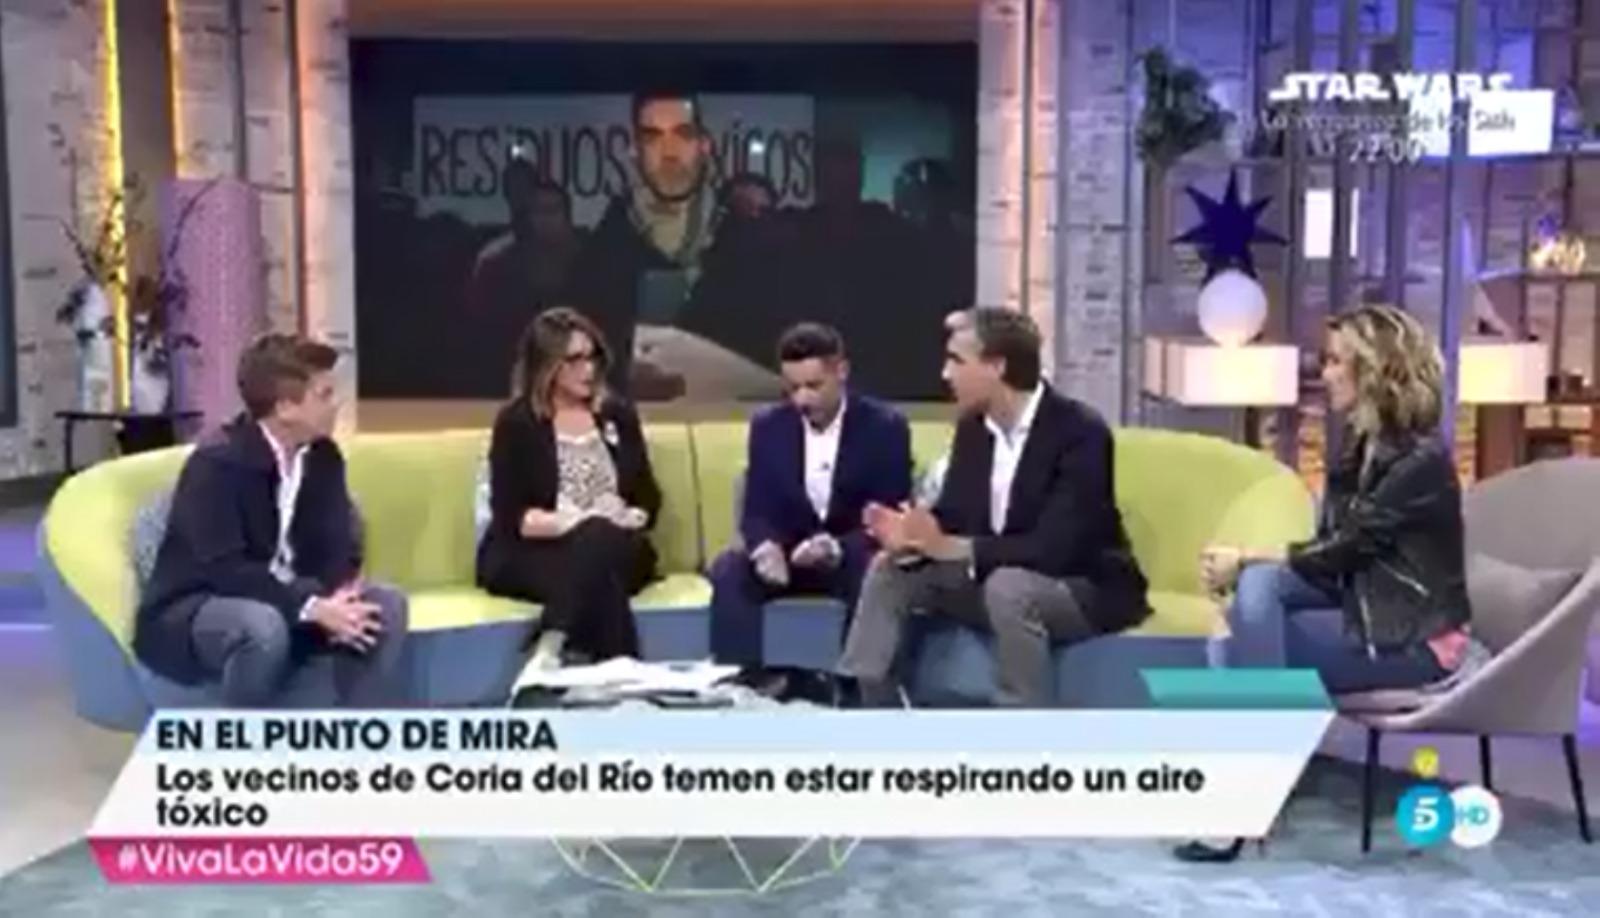 Abogados Coria del Río IN DIEM. Tele 5. Vive la Vida. Toñi Moreno. Gases . Tóxicos.